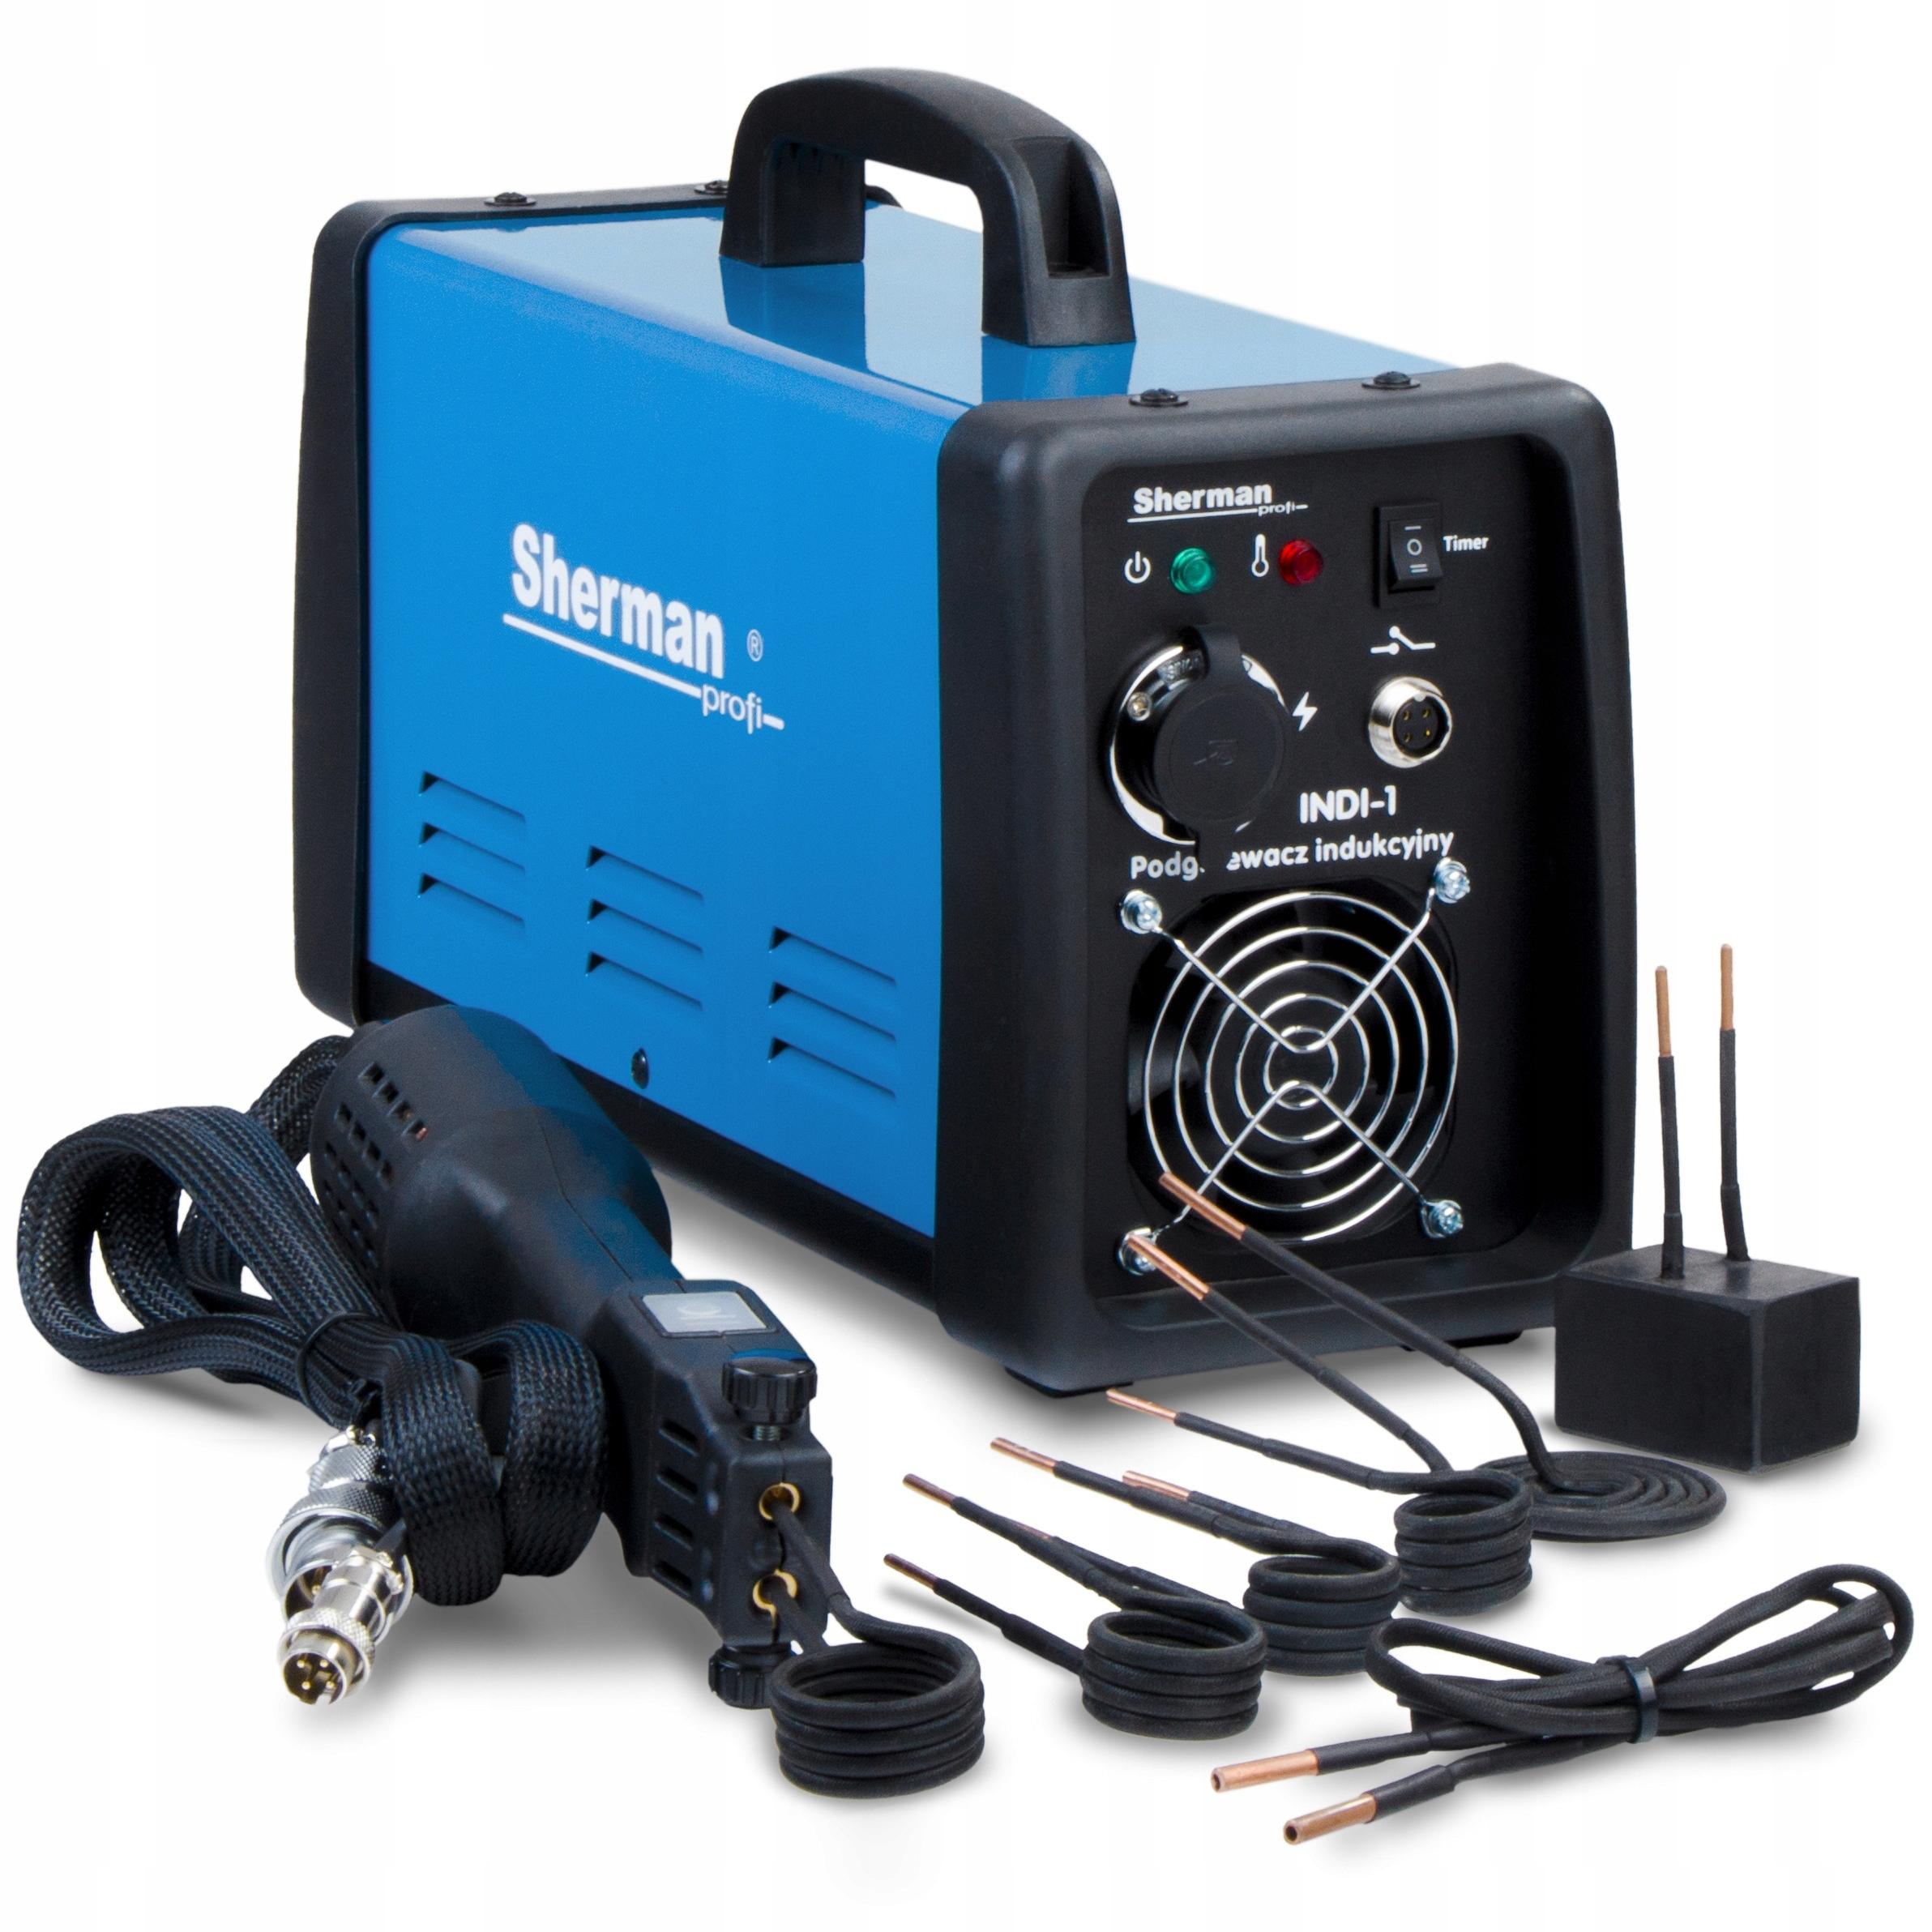 Индукционный нагреватель INDI-1 SHERMAN HEATER 100кГц